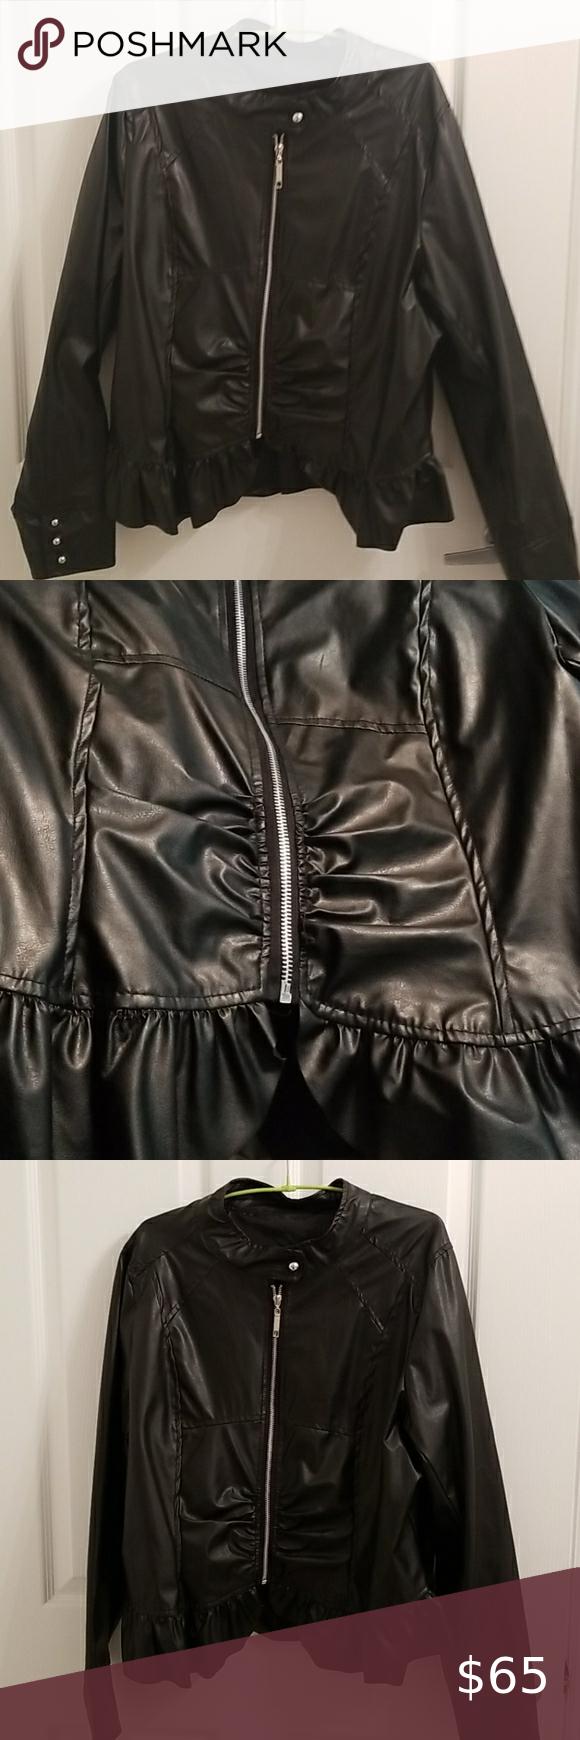 Black Ruffle Leather Jacket Leather Jacket Black Ruffle Coats Jackets Women [ 1740 x 580 Pixel ]